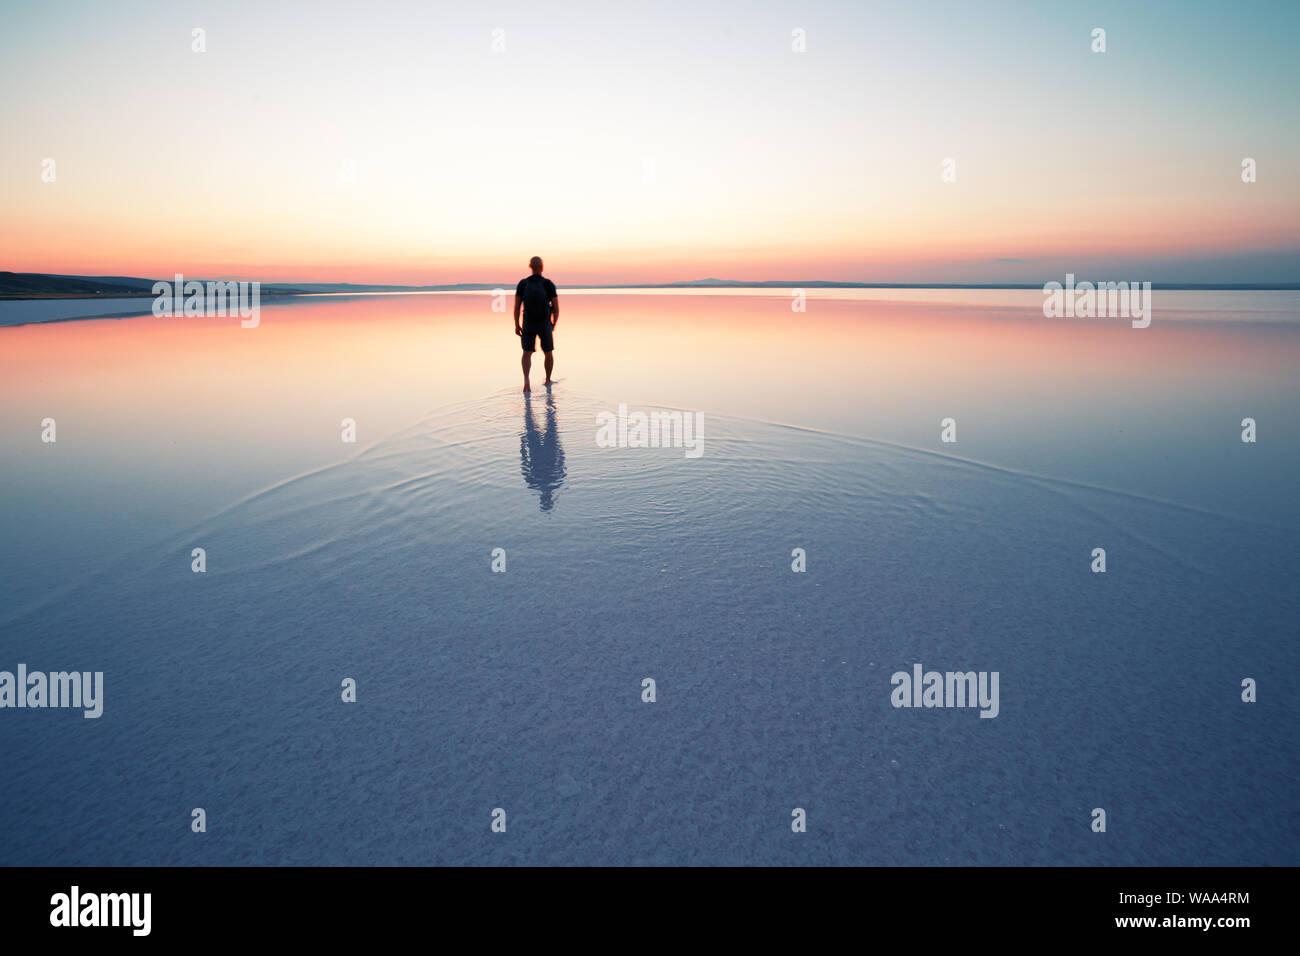 Silueta del hombre partiendo en el ocaso de suavizar el agua del lago Foto de stock